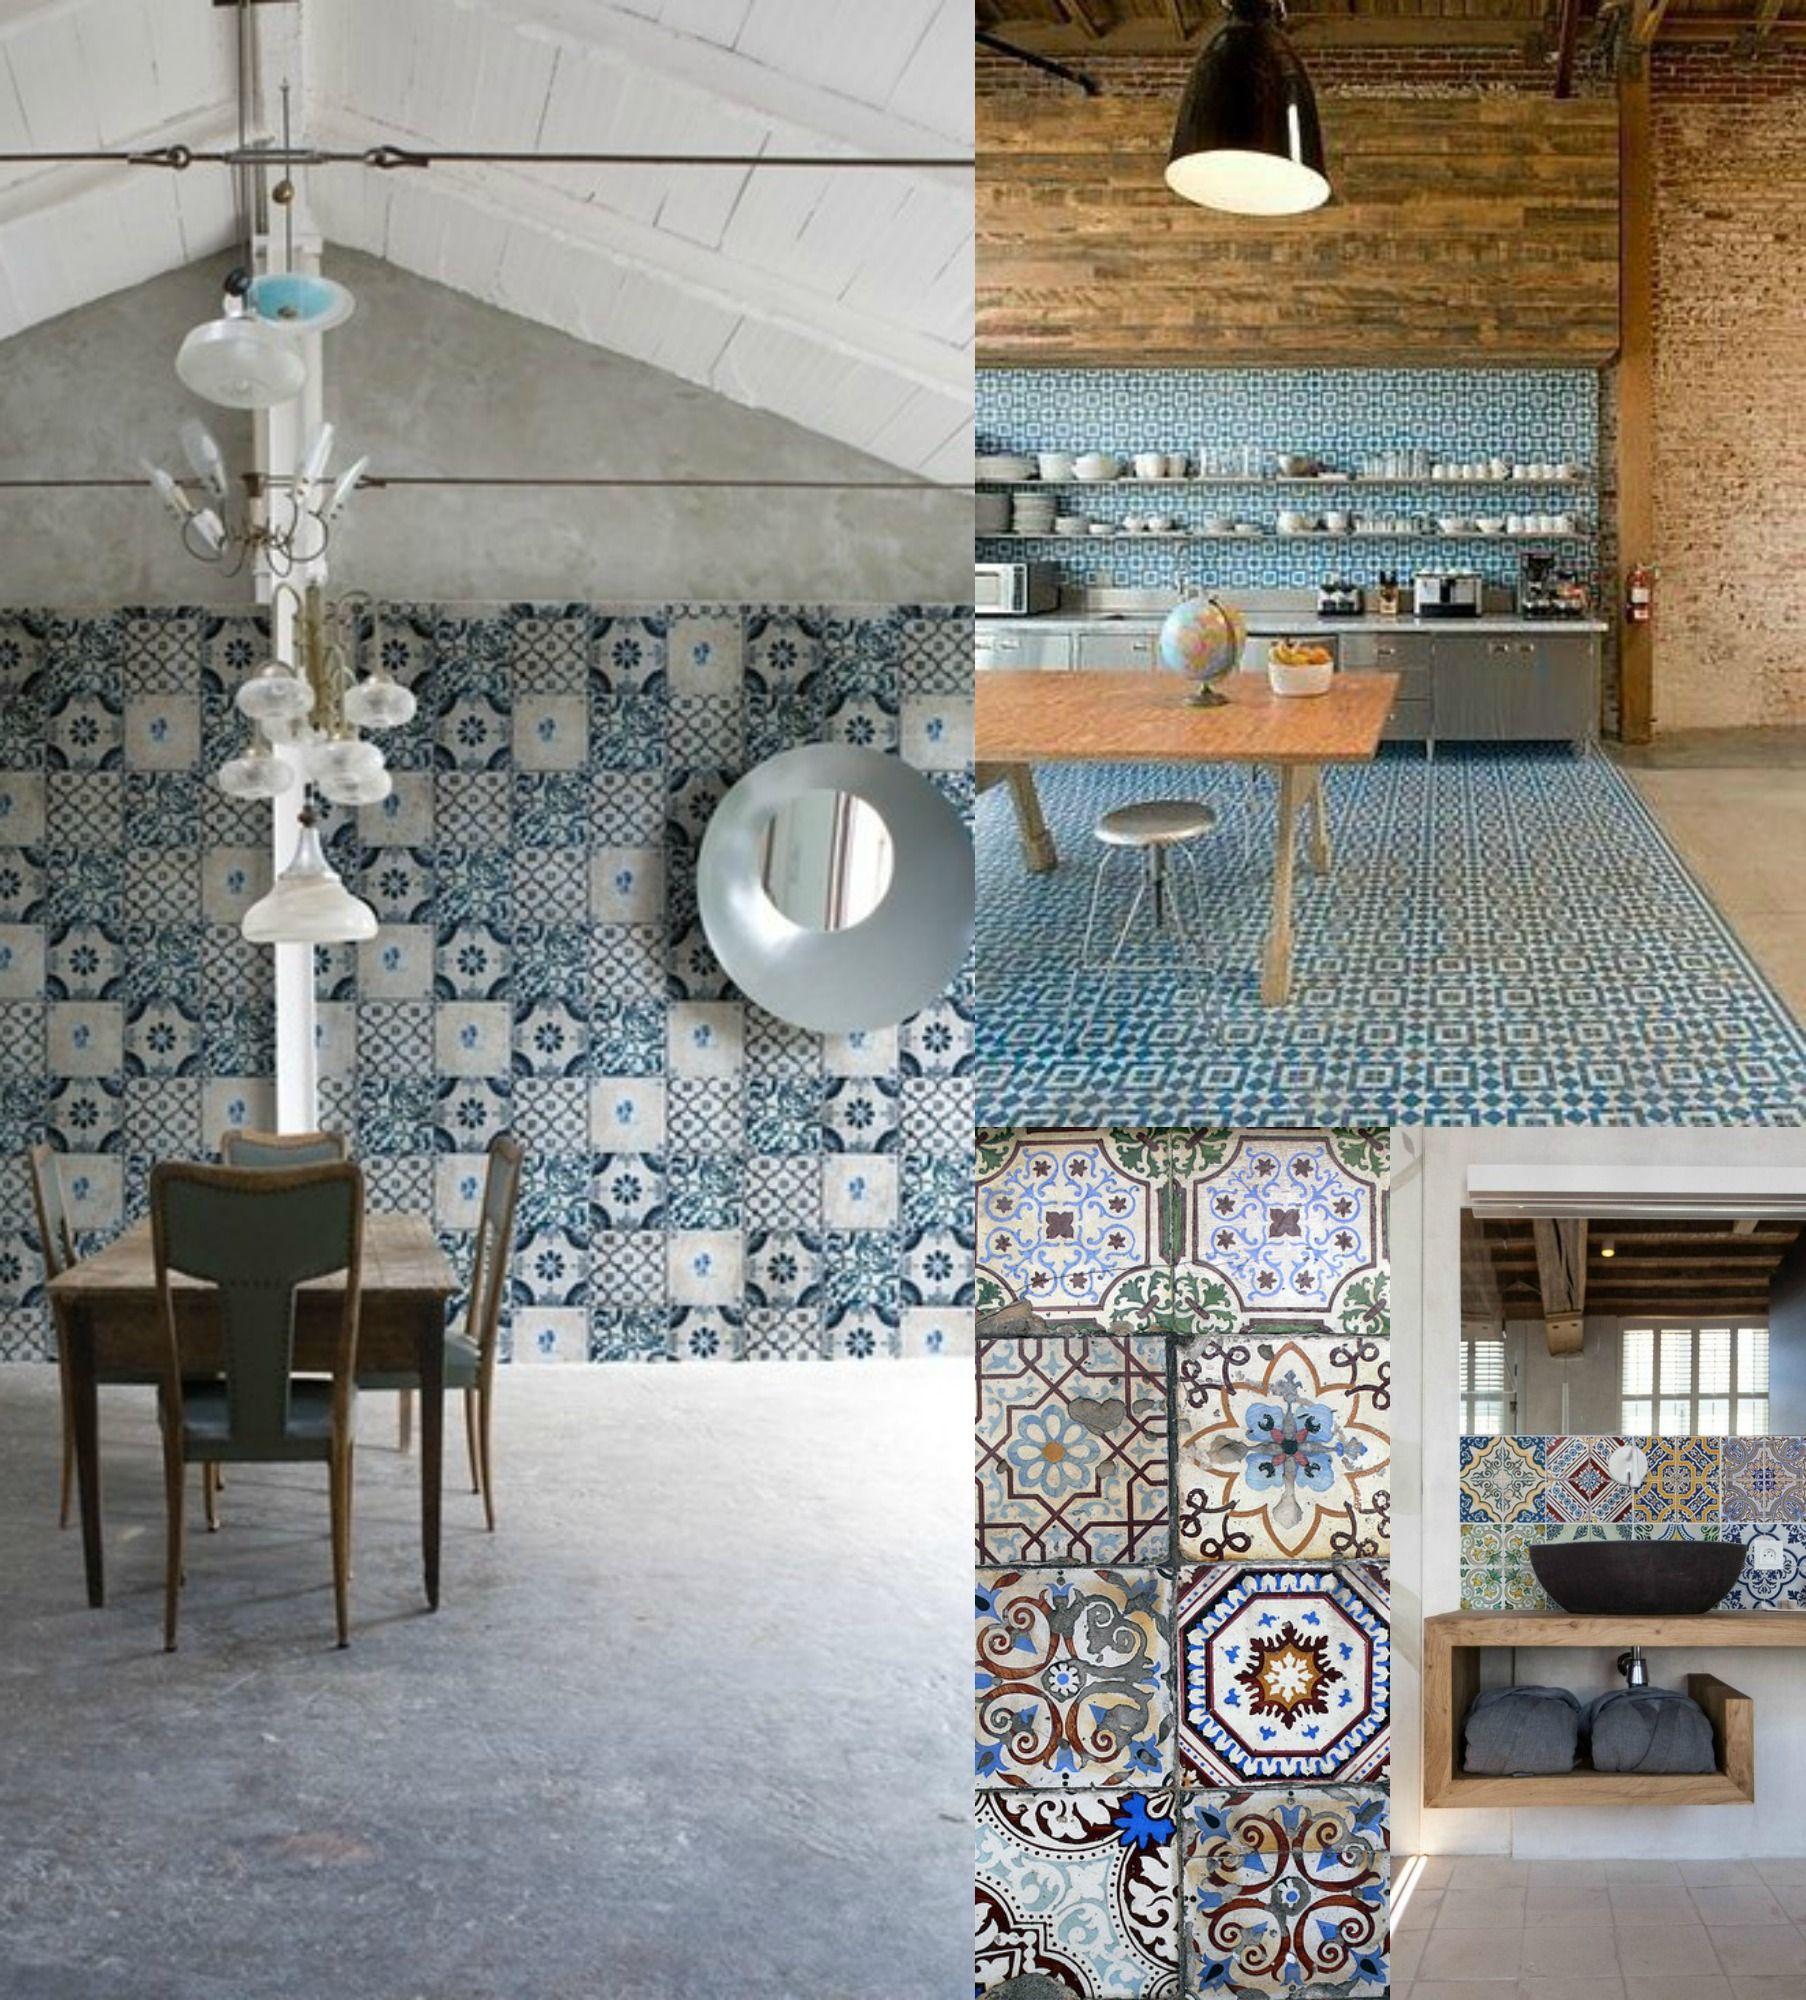 Marche ceramiche cementine cucina cerca con google tiles design home decor e outdoor decor - Marche di piastrelle ...